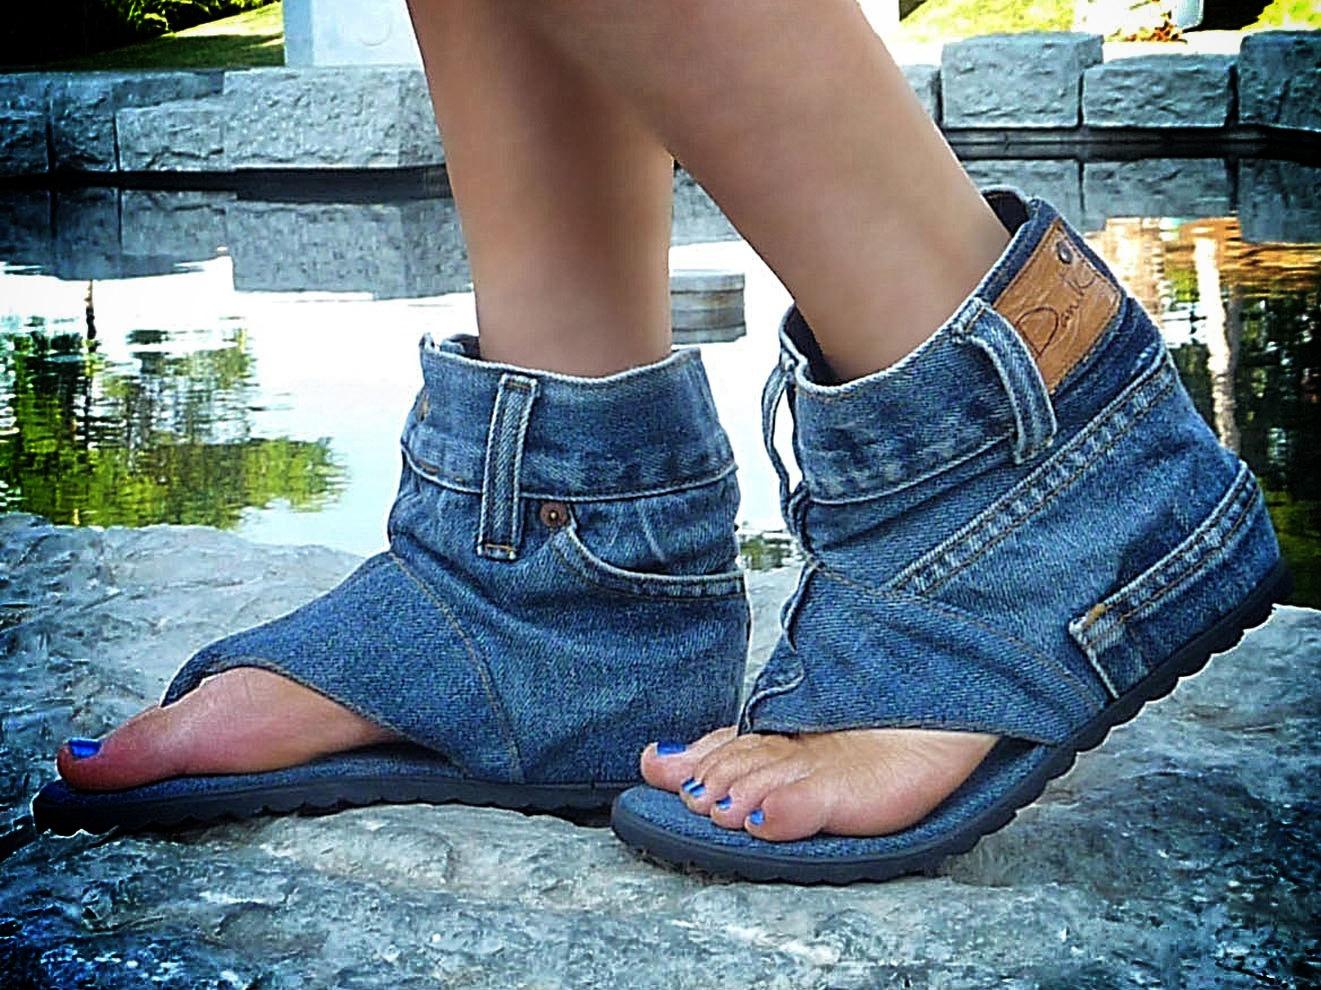 jeans-sandals-shoes-etsy-1